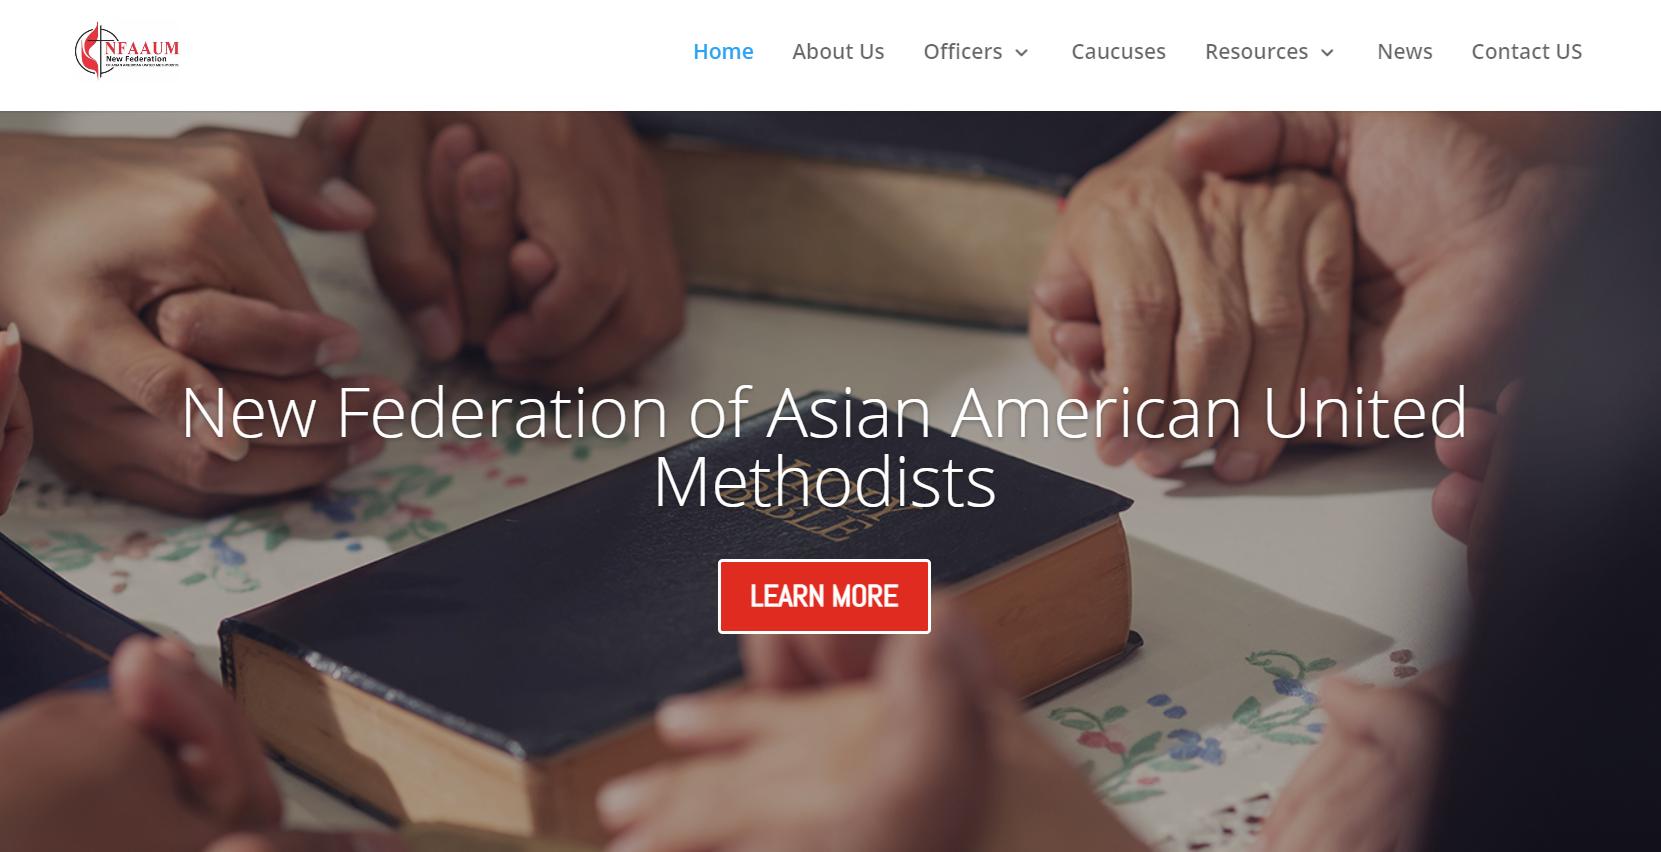 아시안연합감리교연맹(New Federation of Asian American United Methodists (NFAAUM)의 페이스북 사진 갈무리.